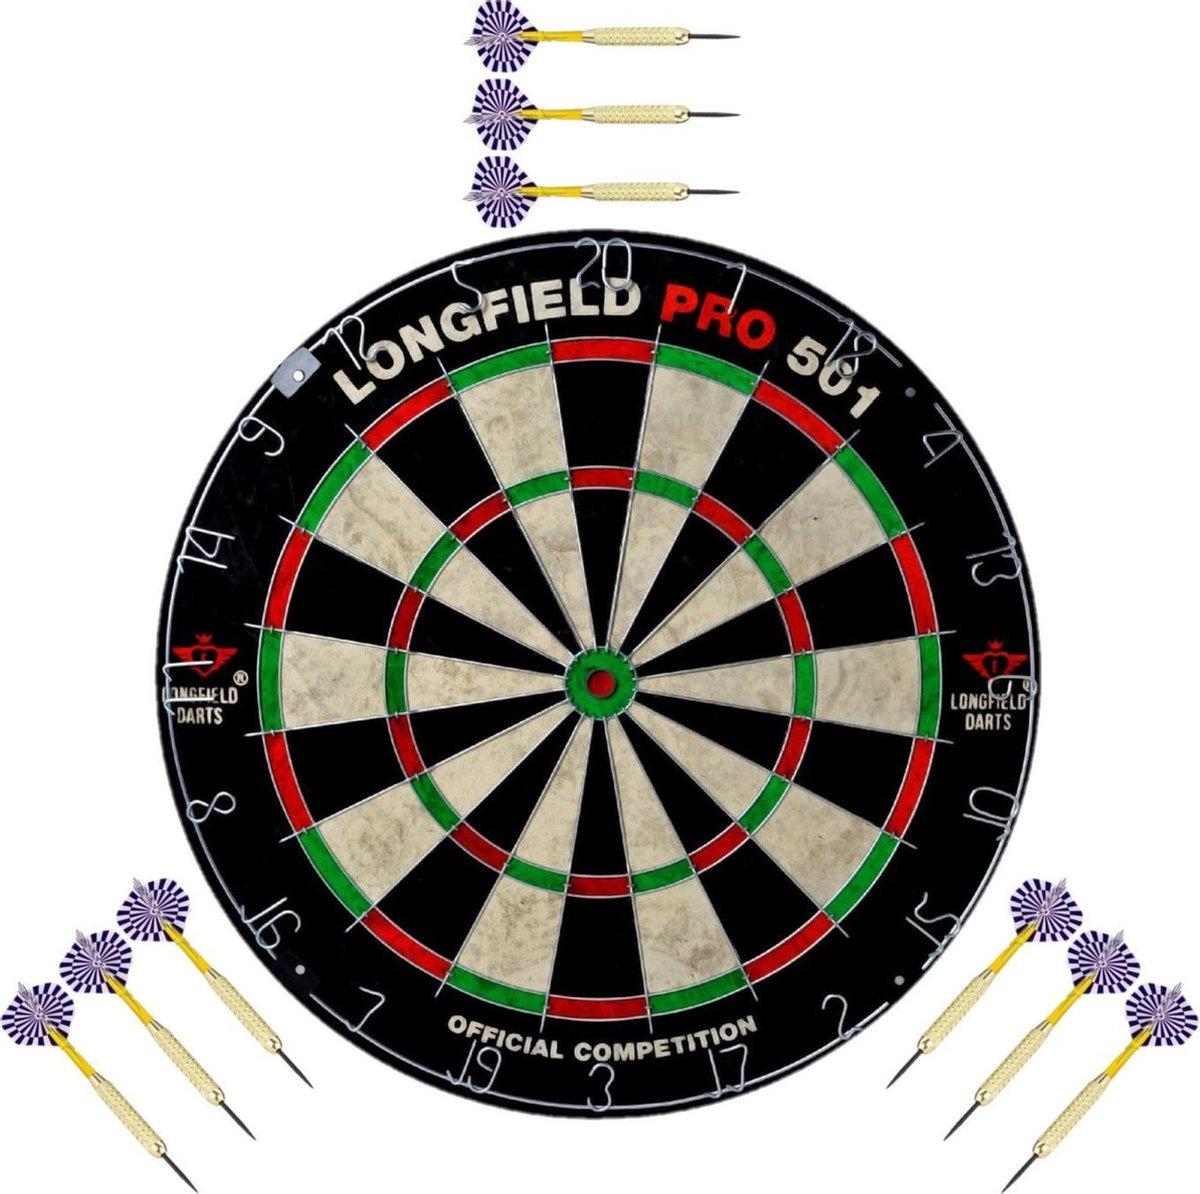 Dartbord set compleet van diameter 45.5 cm met 9x dartpijlen van 23 gram - Longfield professional - Darten